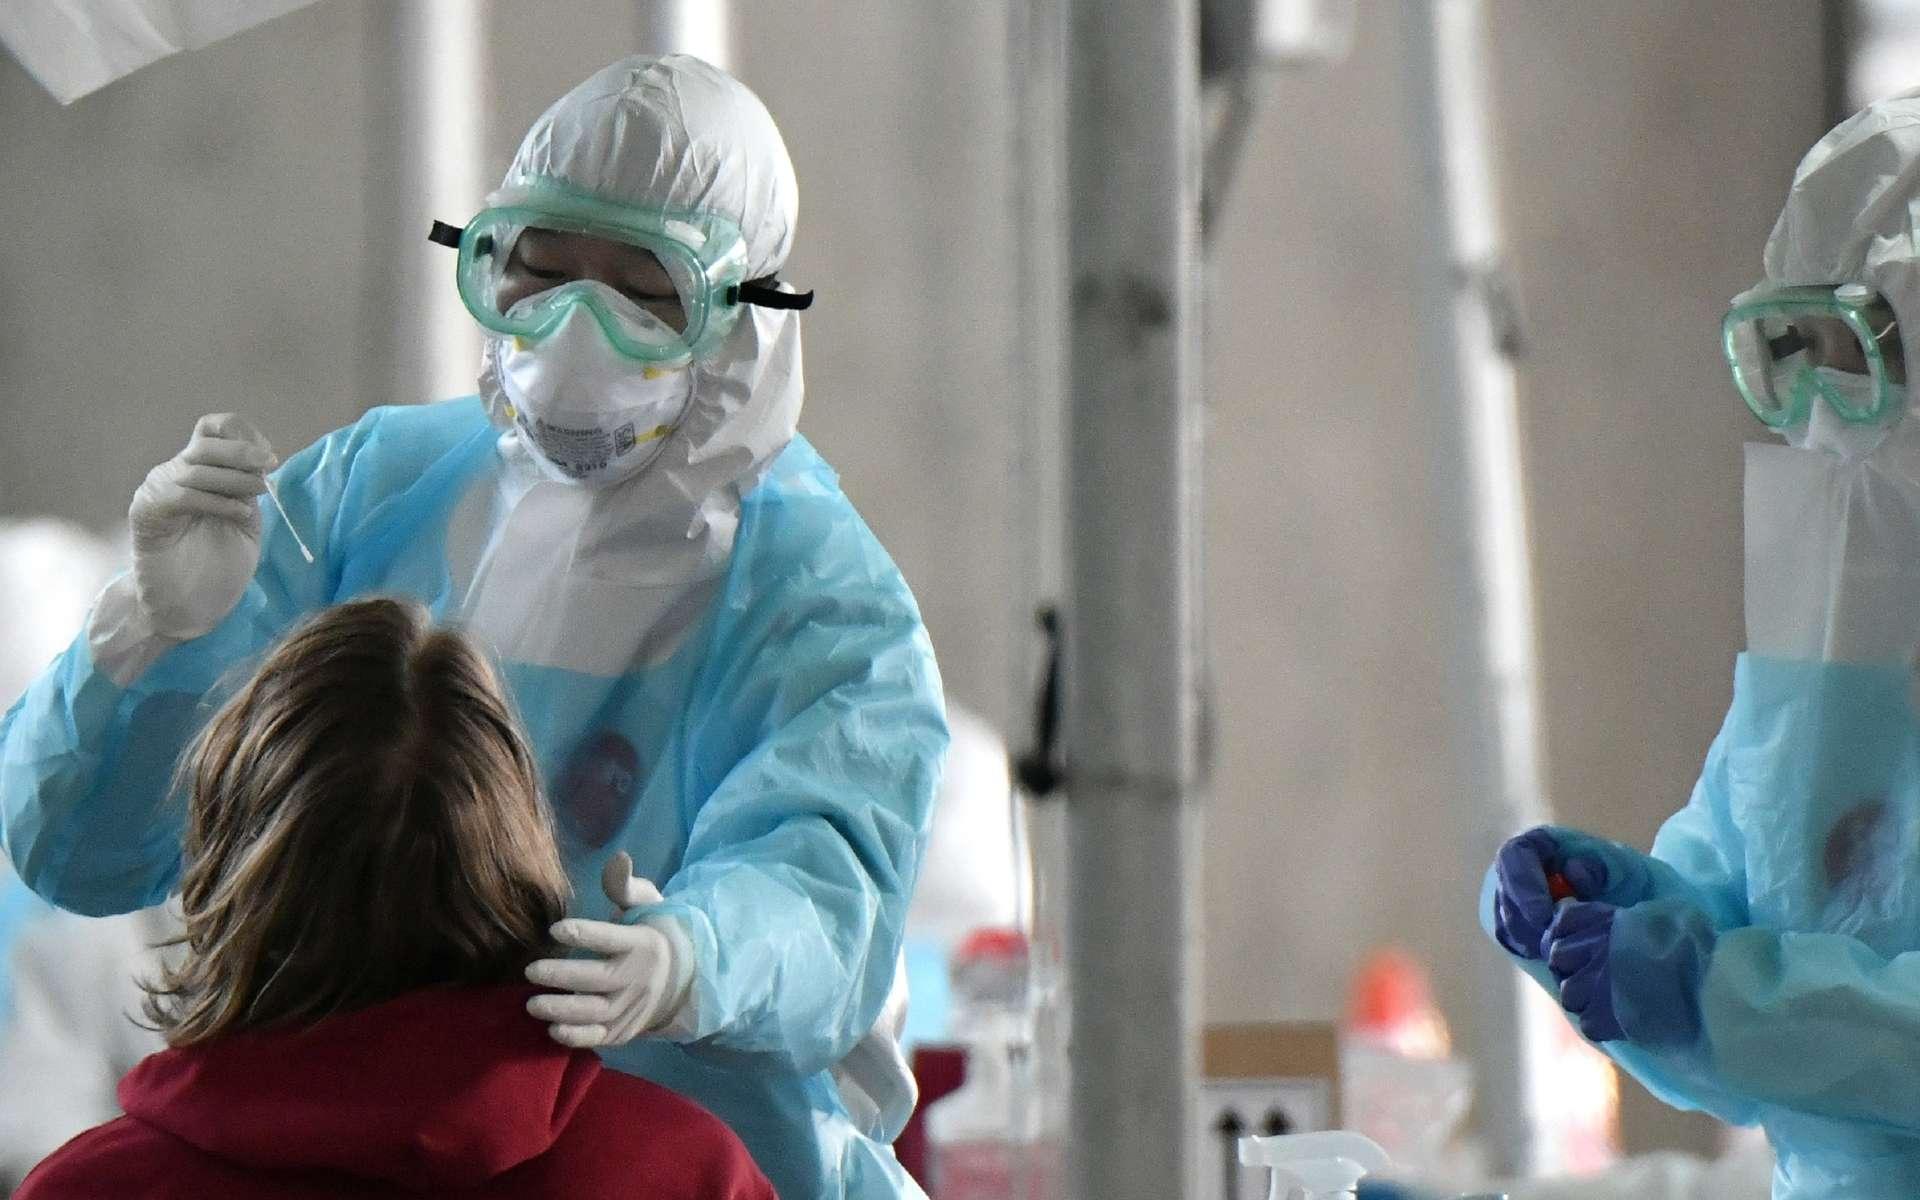 Les scientifiques du monde entier planchent sur cette question de l'immunité après avoir été infecté par le coronavirus. © Jung Yeon-je, AFP